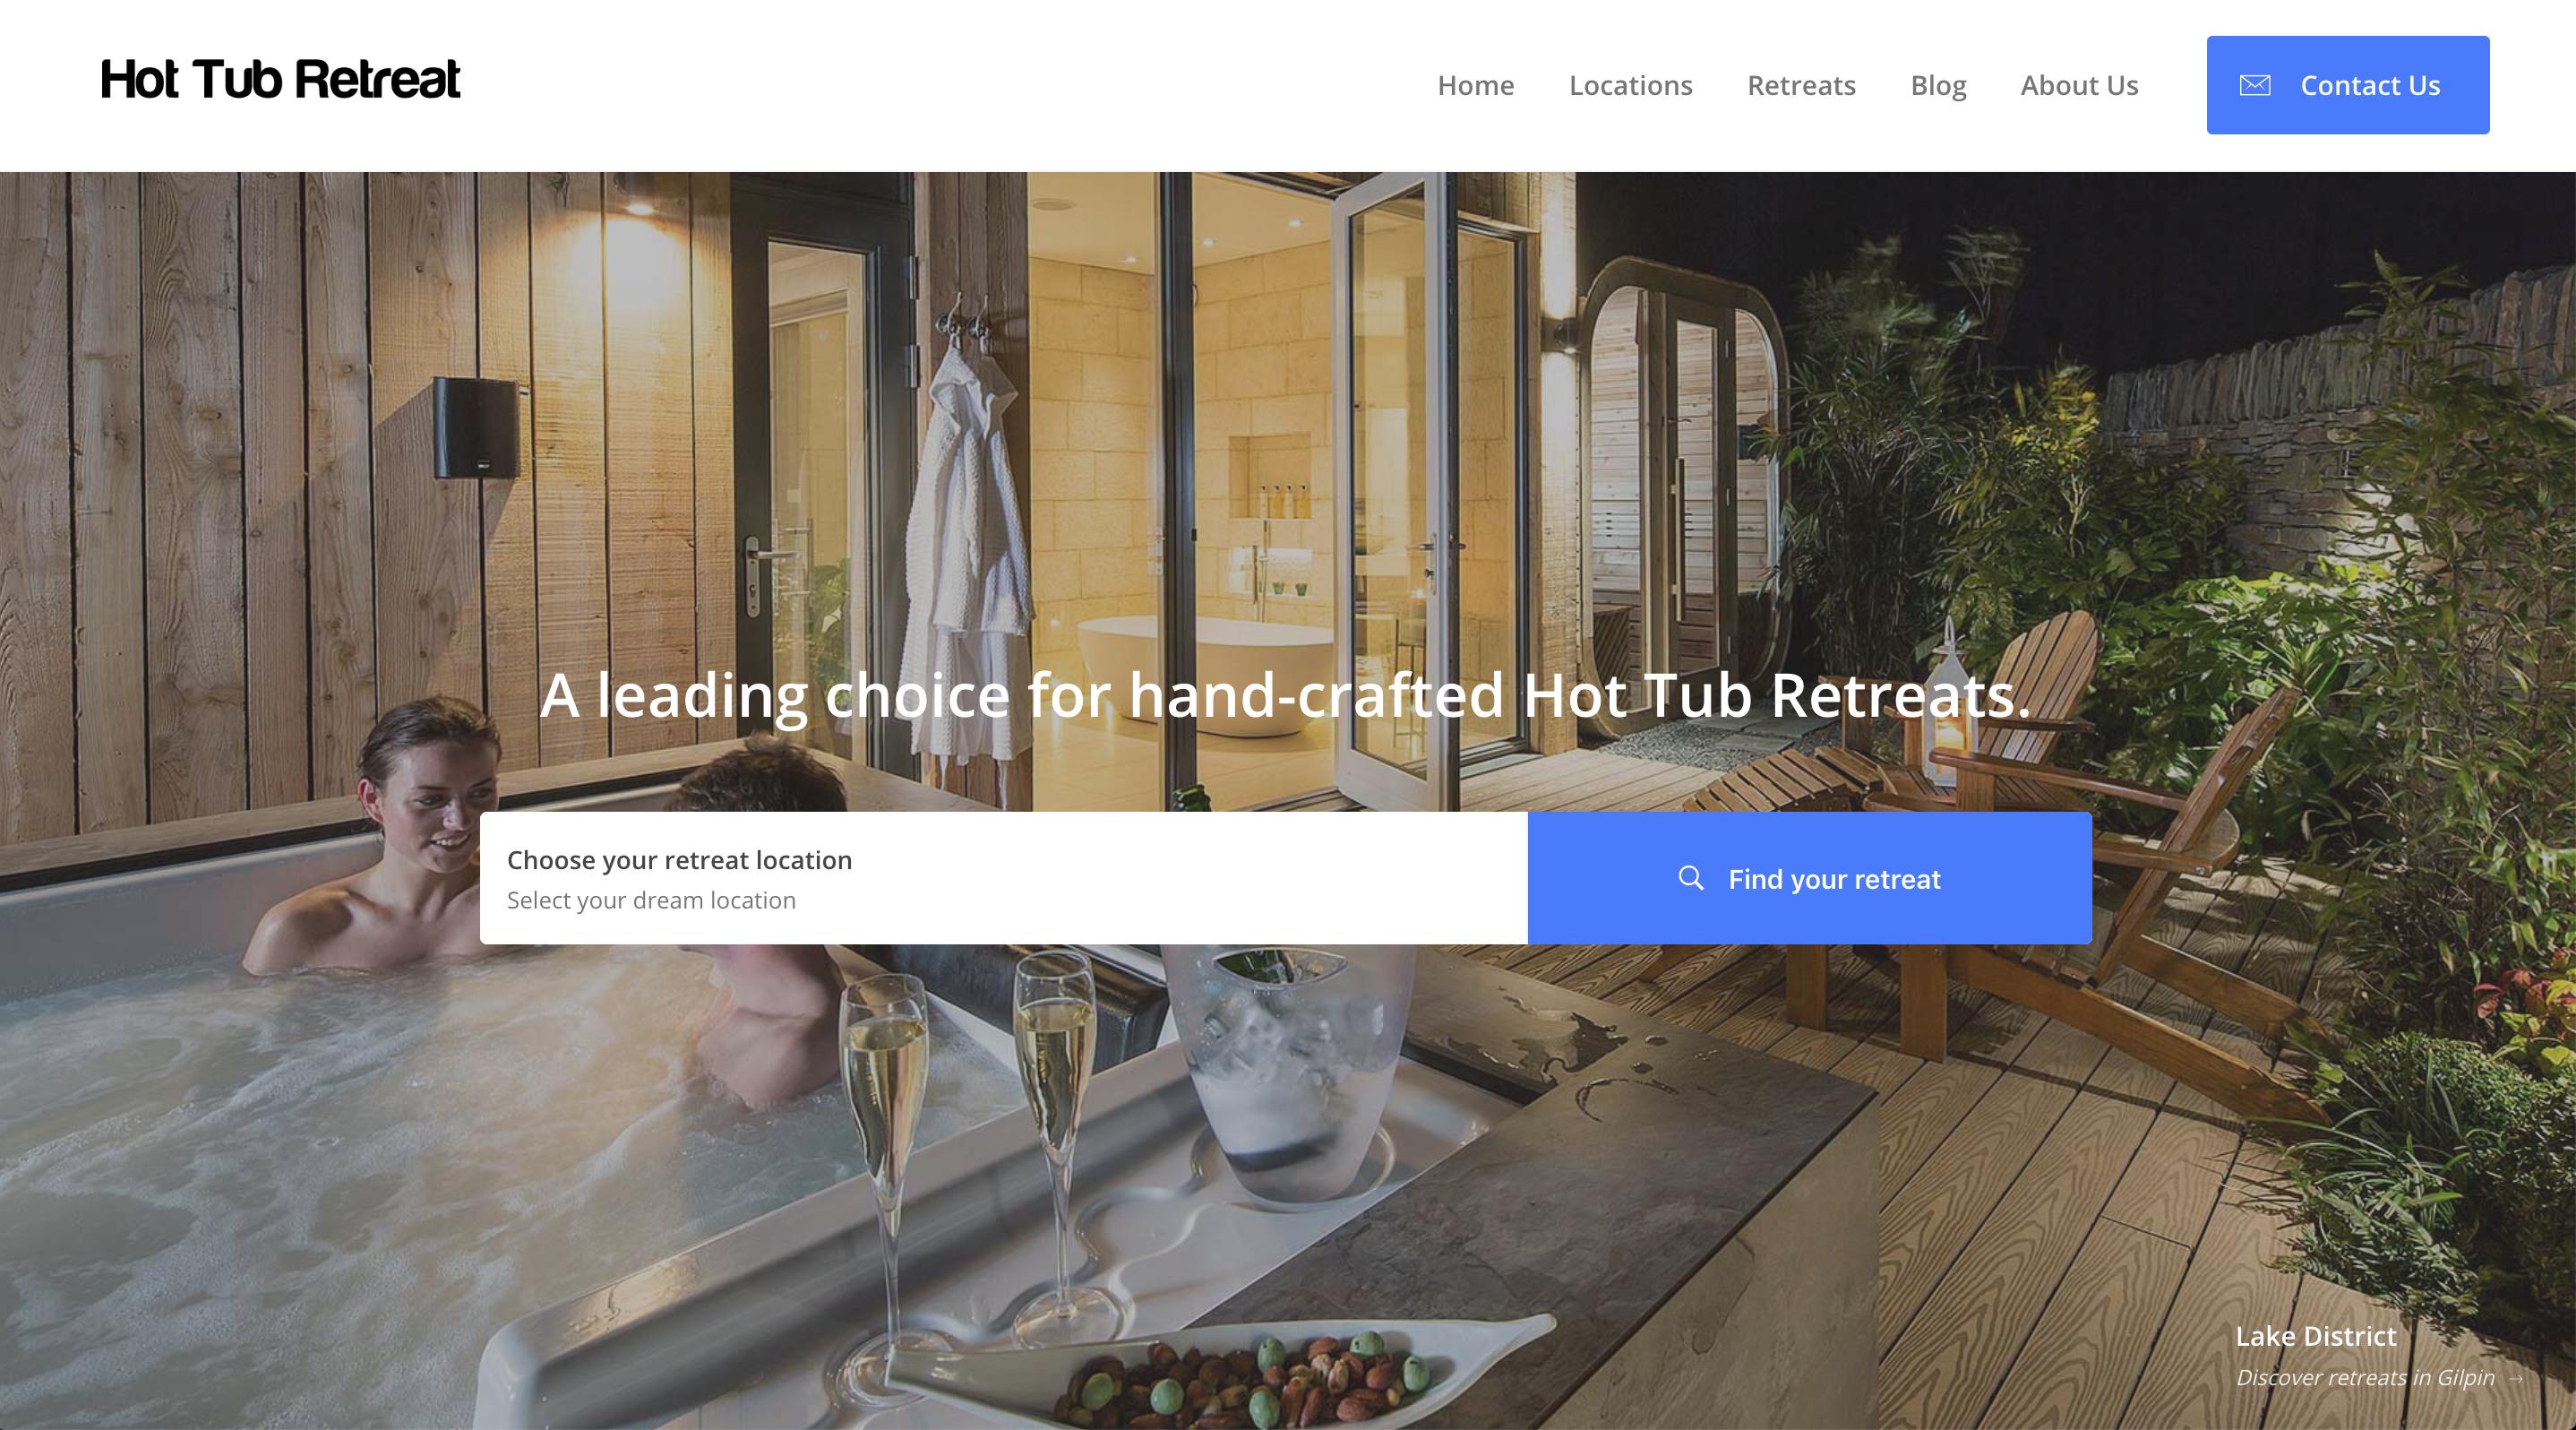 Hot Tub Retreat - New Look Website